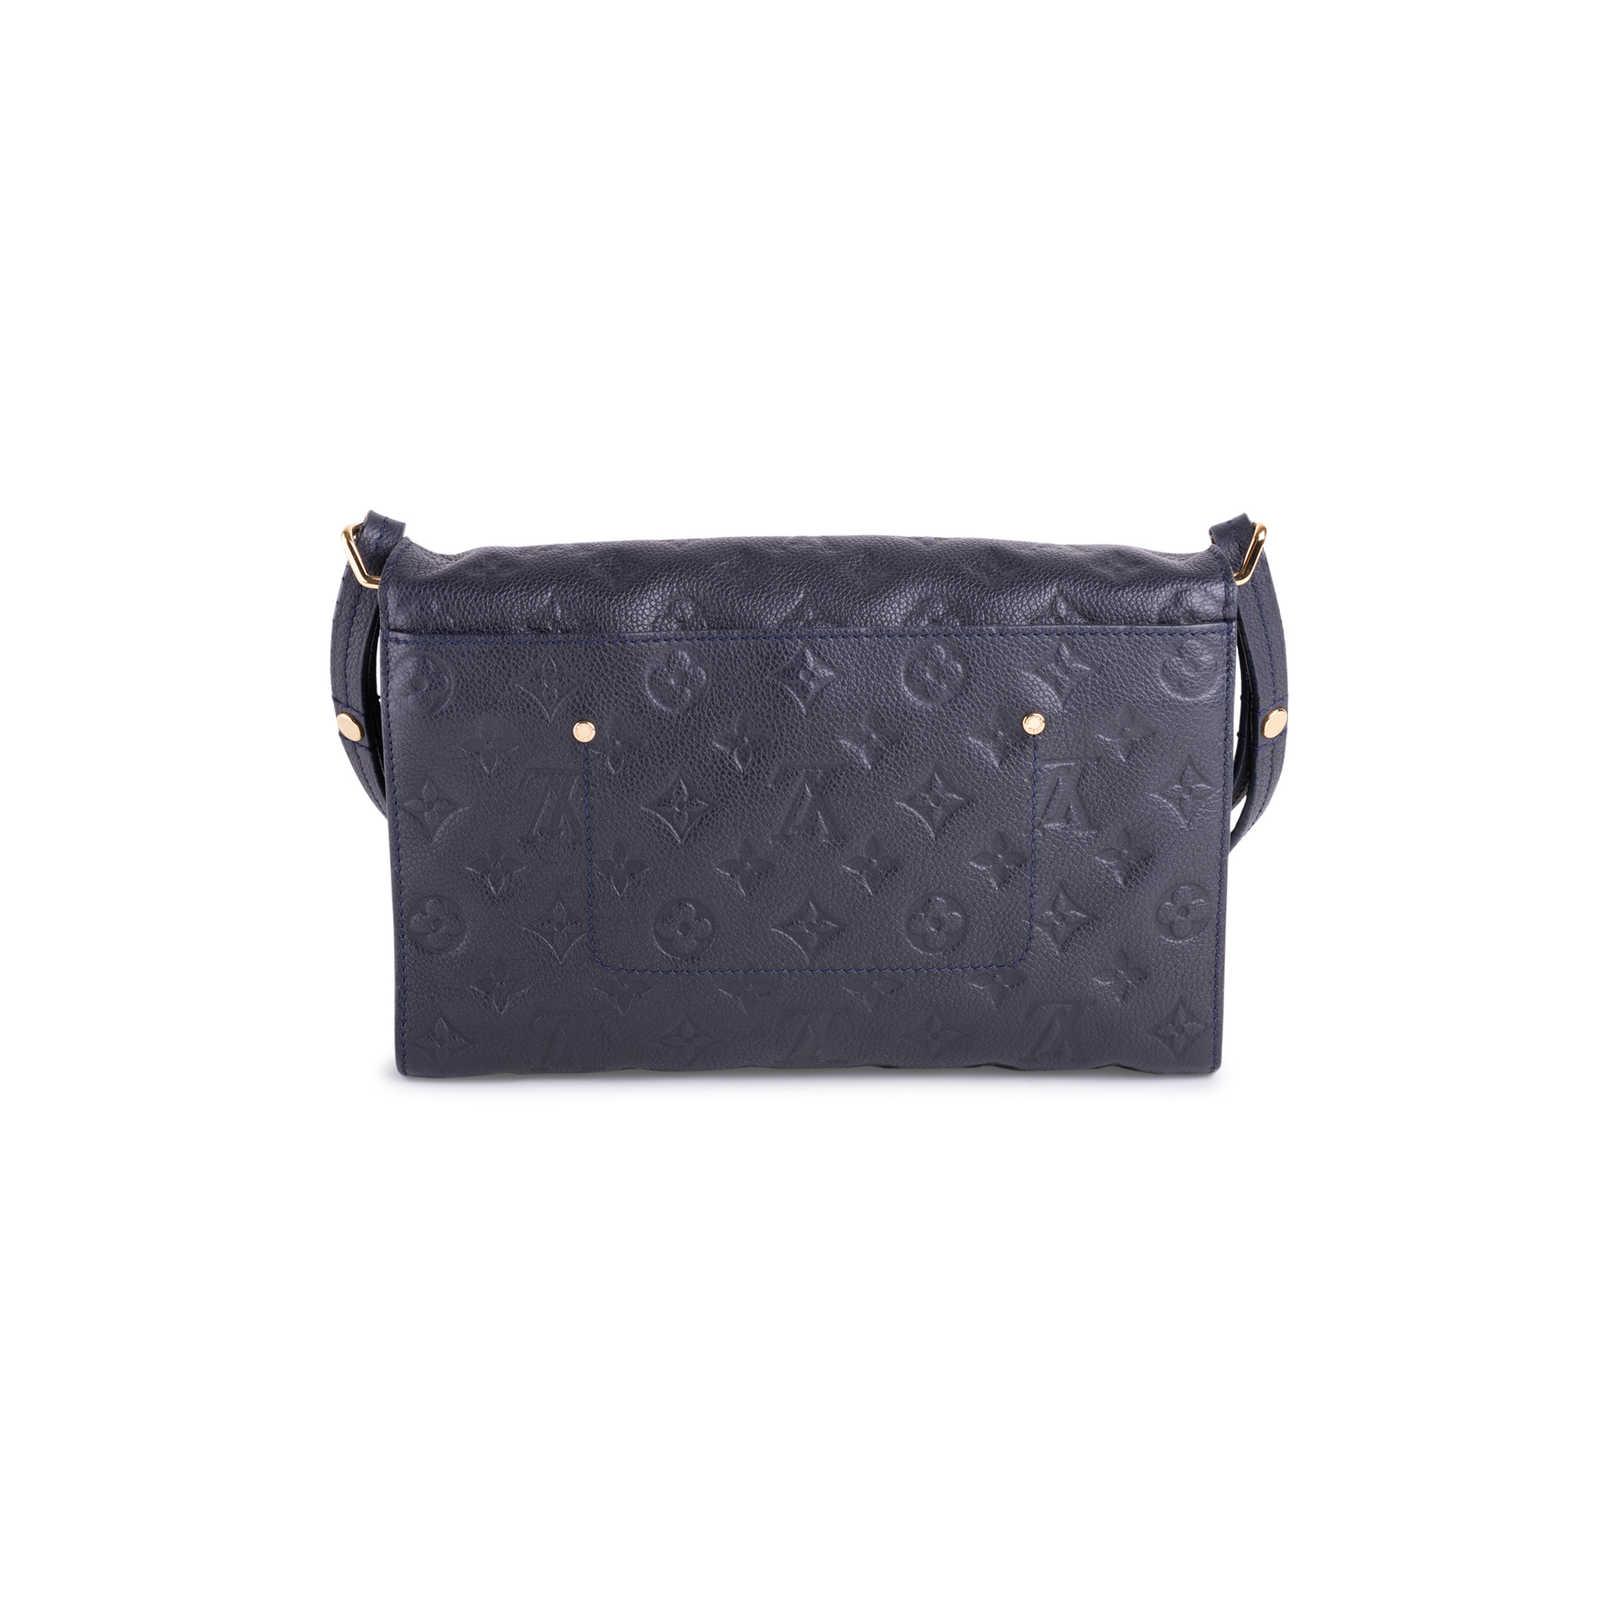 91d8cf722c25 ... Authentic Second Hand Louis Vuitton Empreinte Fascinante Bag  (PSS-619-00005) ...